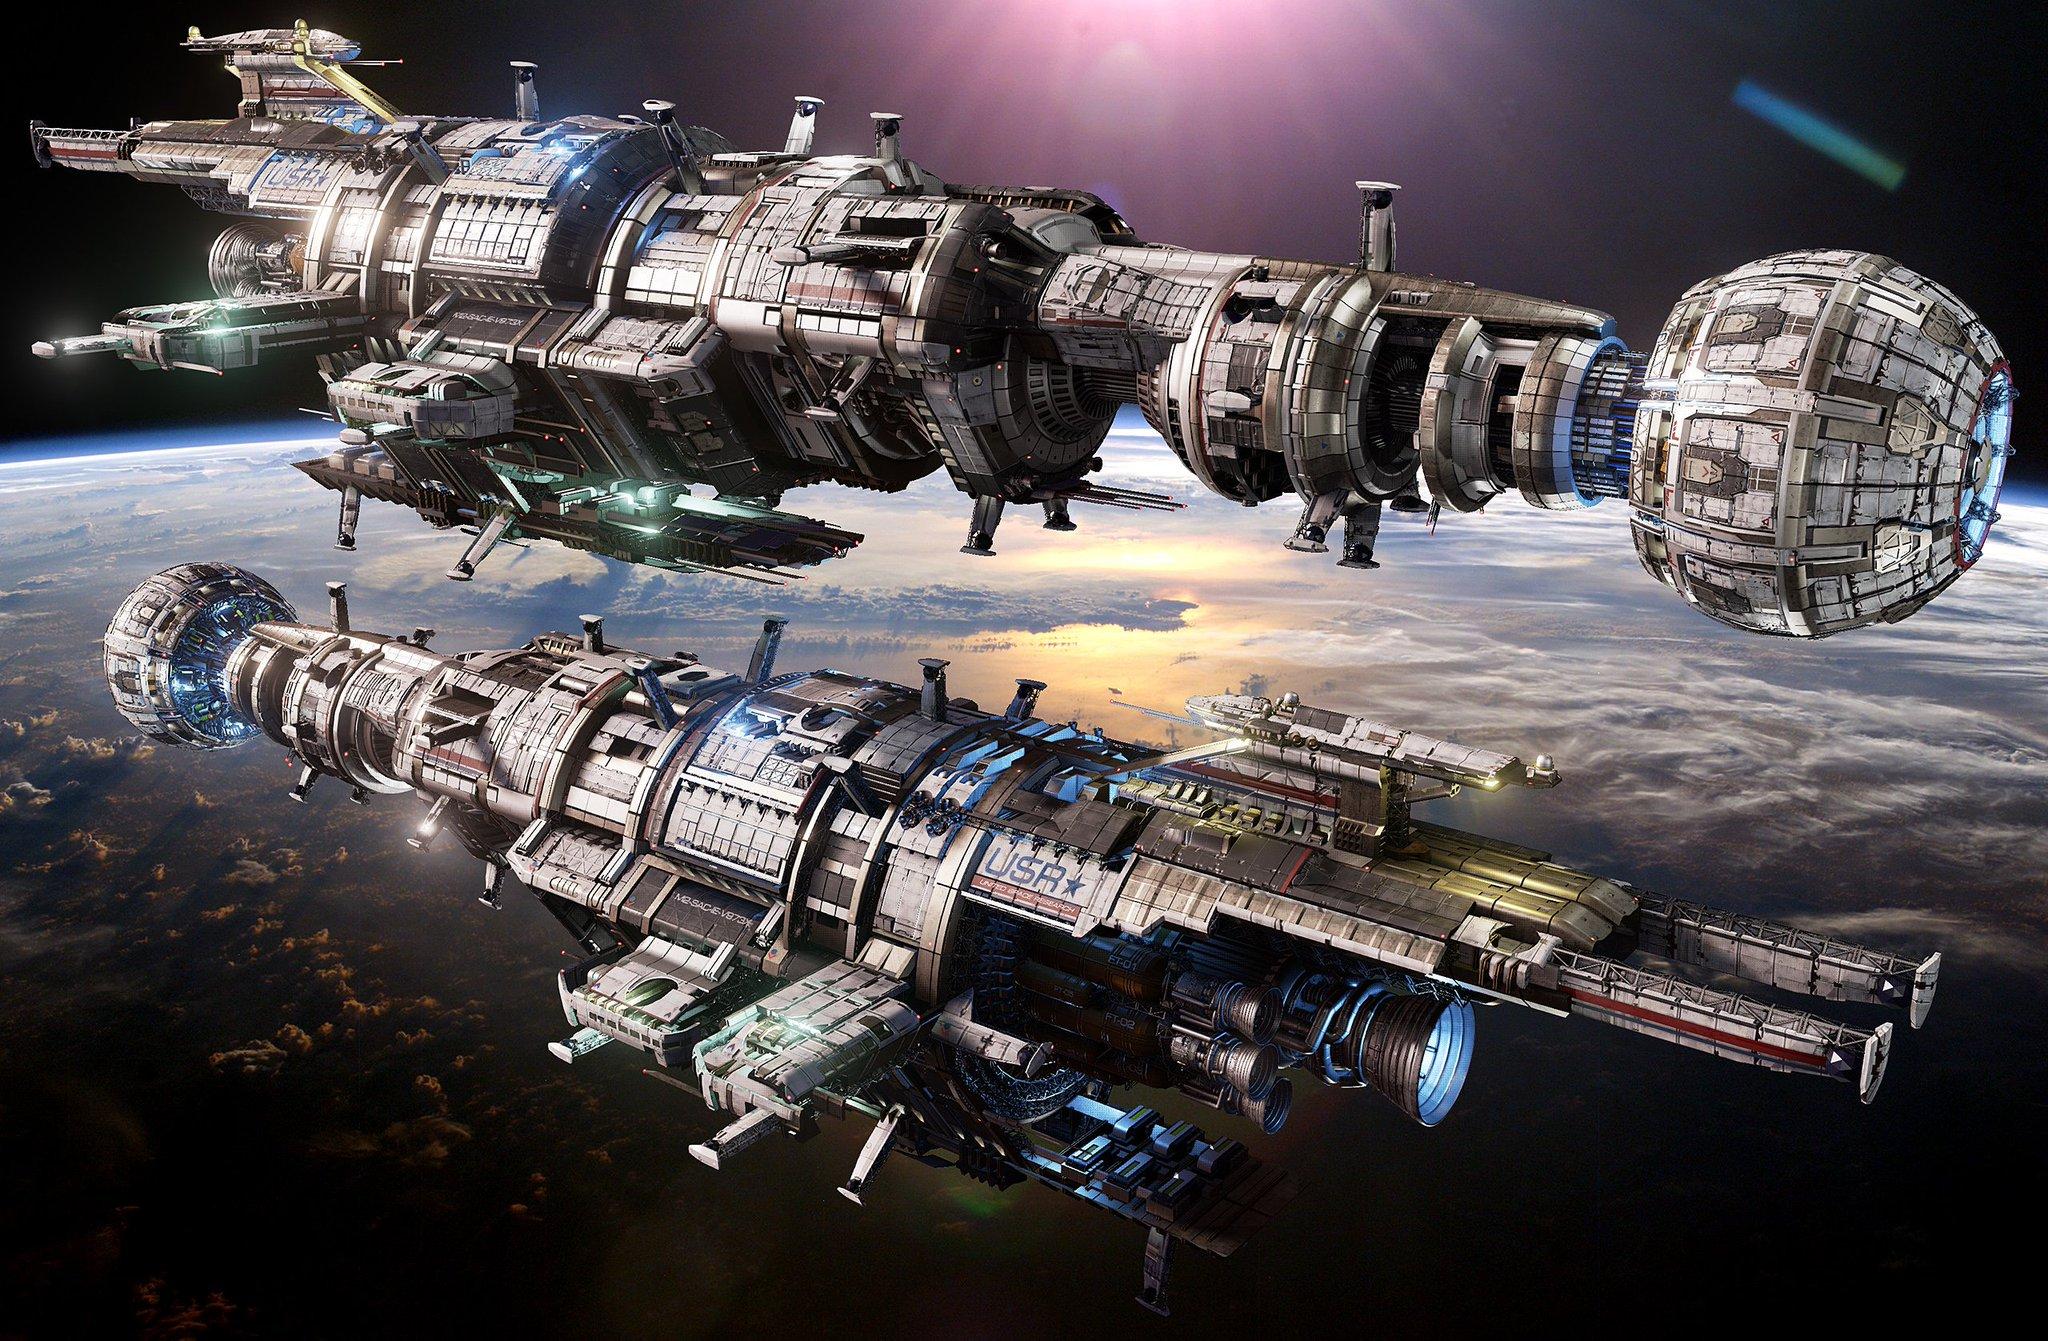 при картинка с разными космическими кораблями многочисленные поклонники